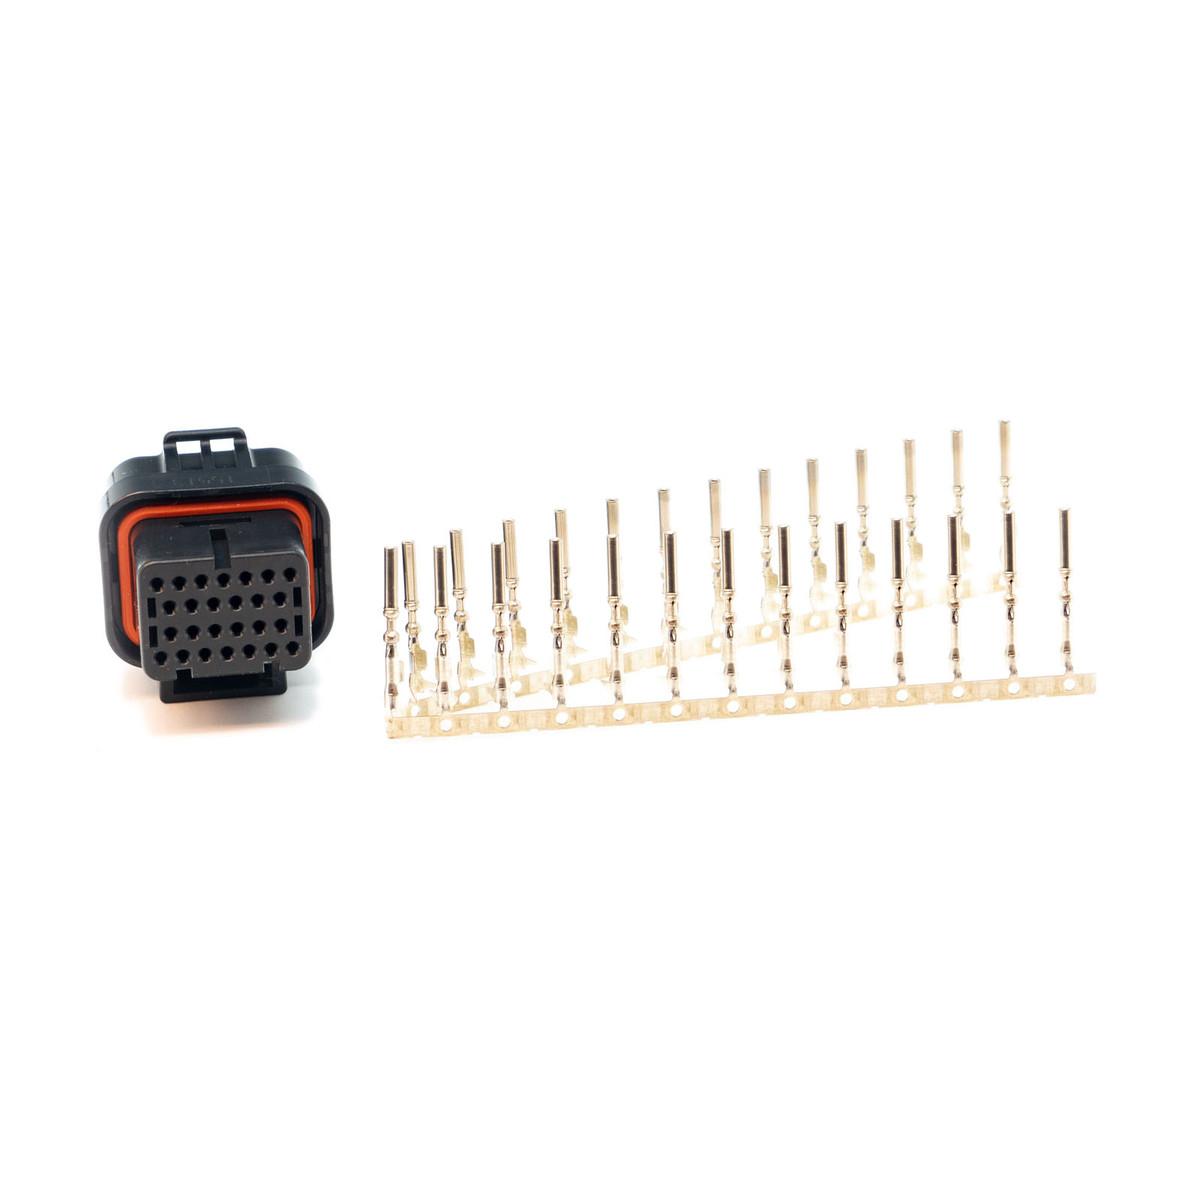 Pin Kit C (TKC)